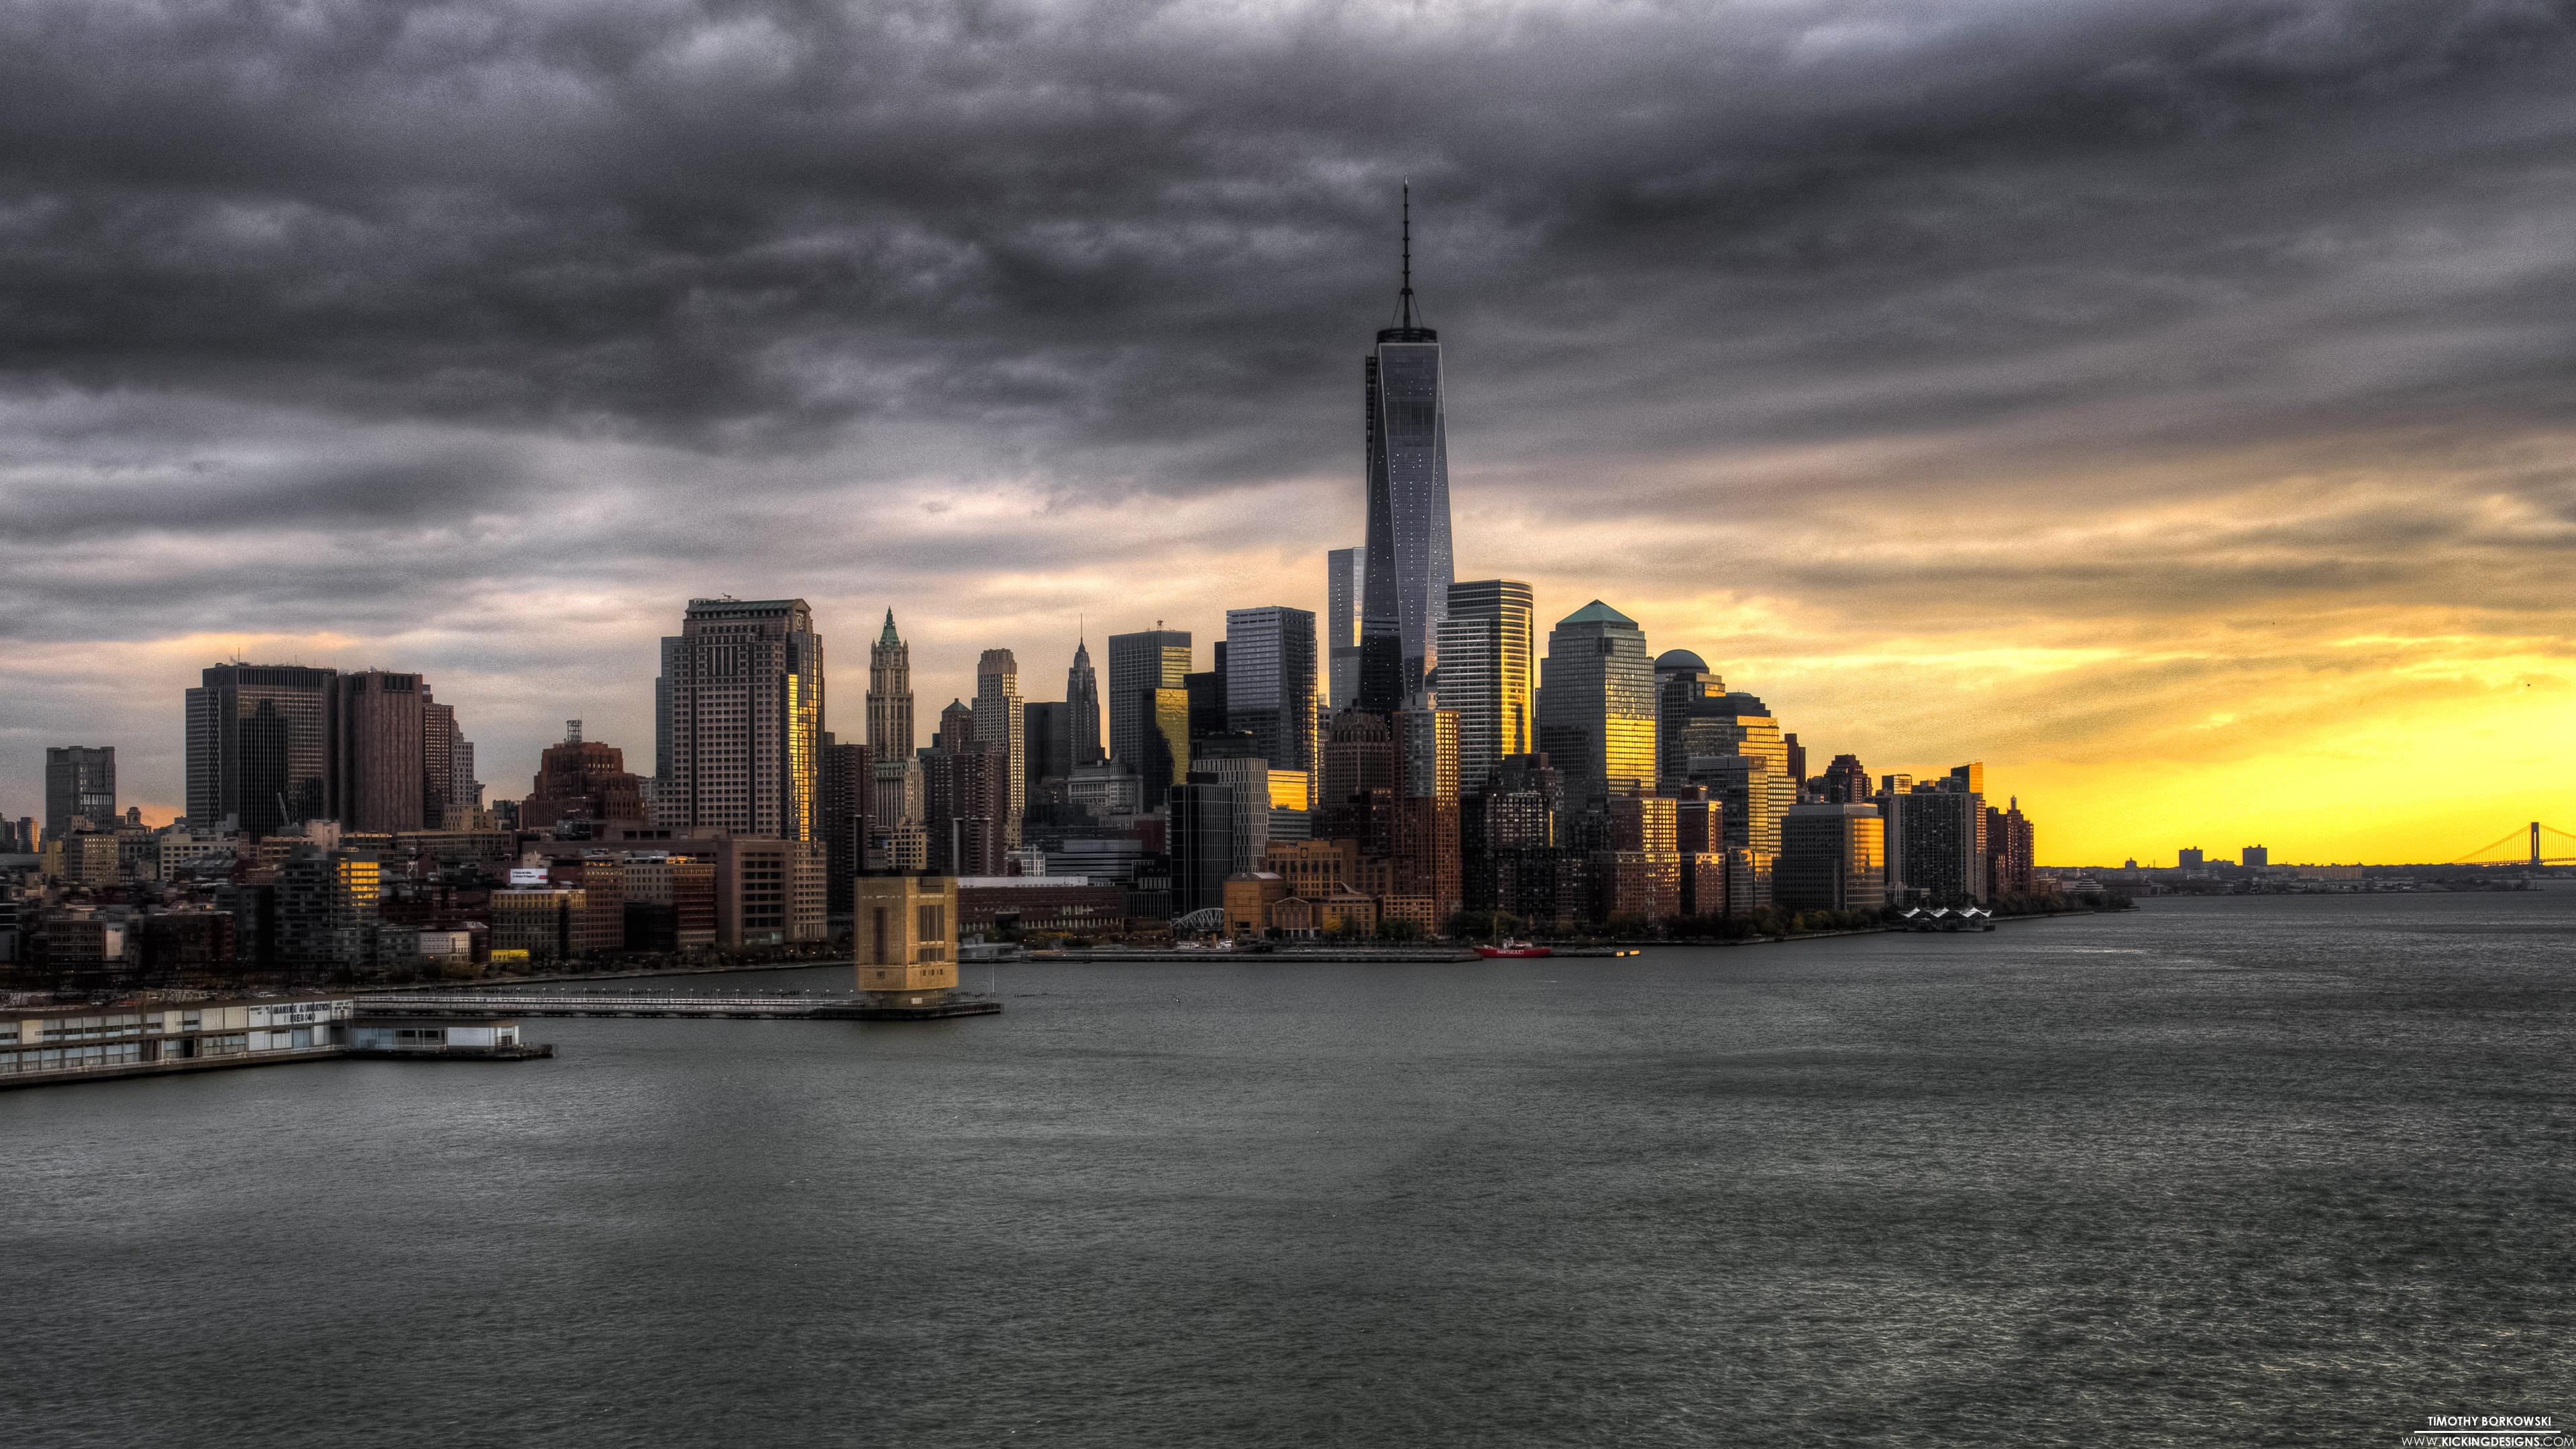 4k New York Wallpaper Wallpapersafari